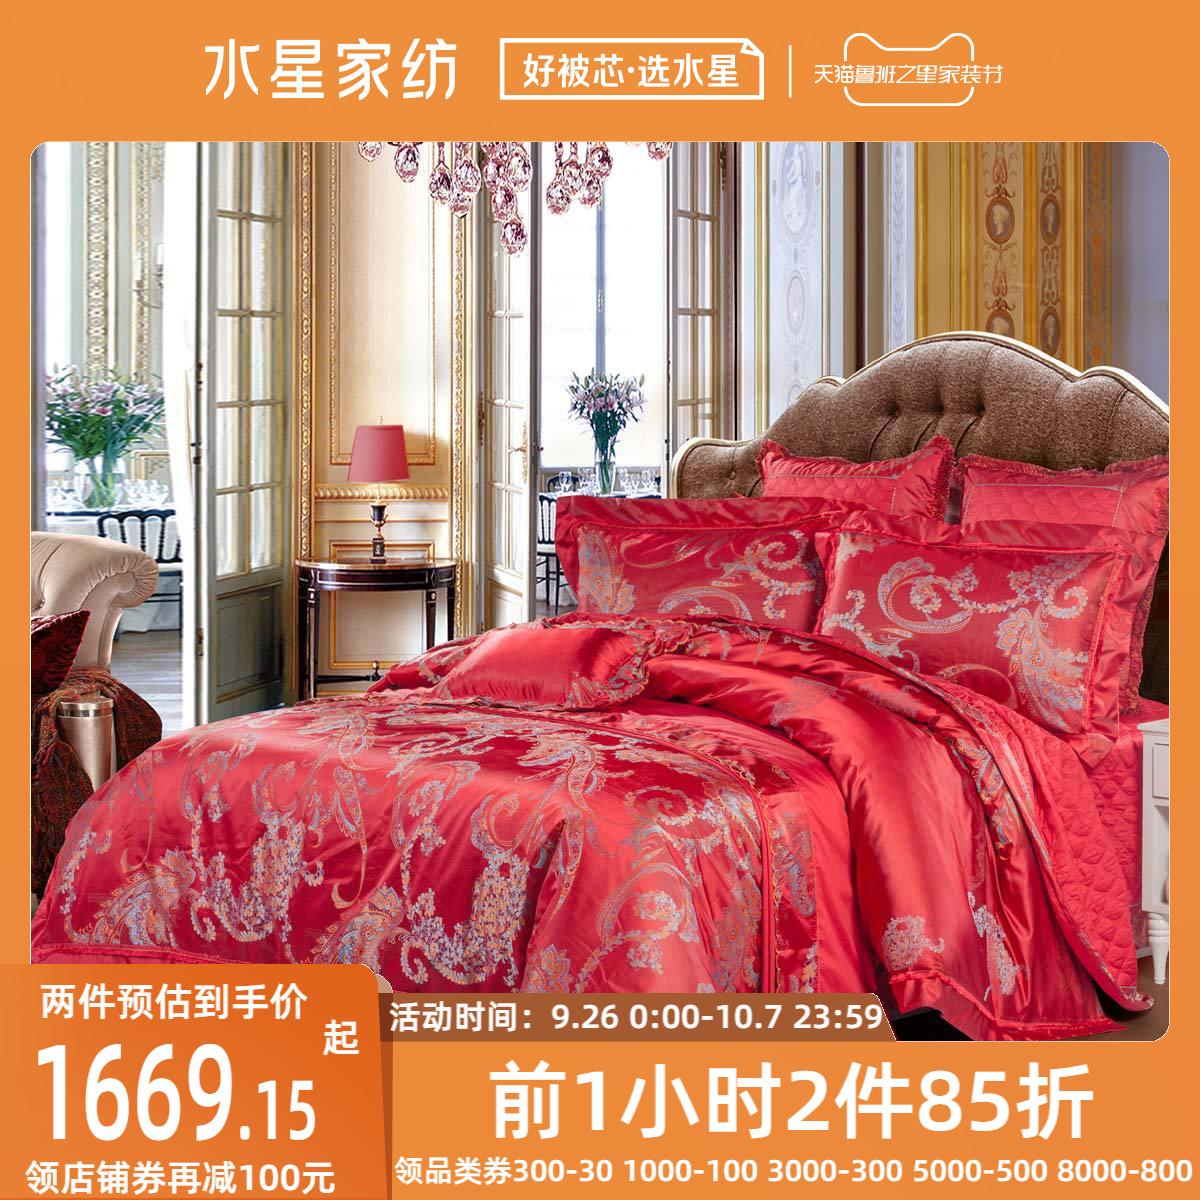 水星家纺婚庆馆提花婚庆八件套大红色结婚床上用品华美夜宴中式